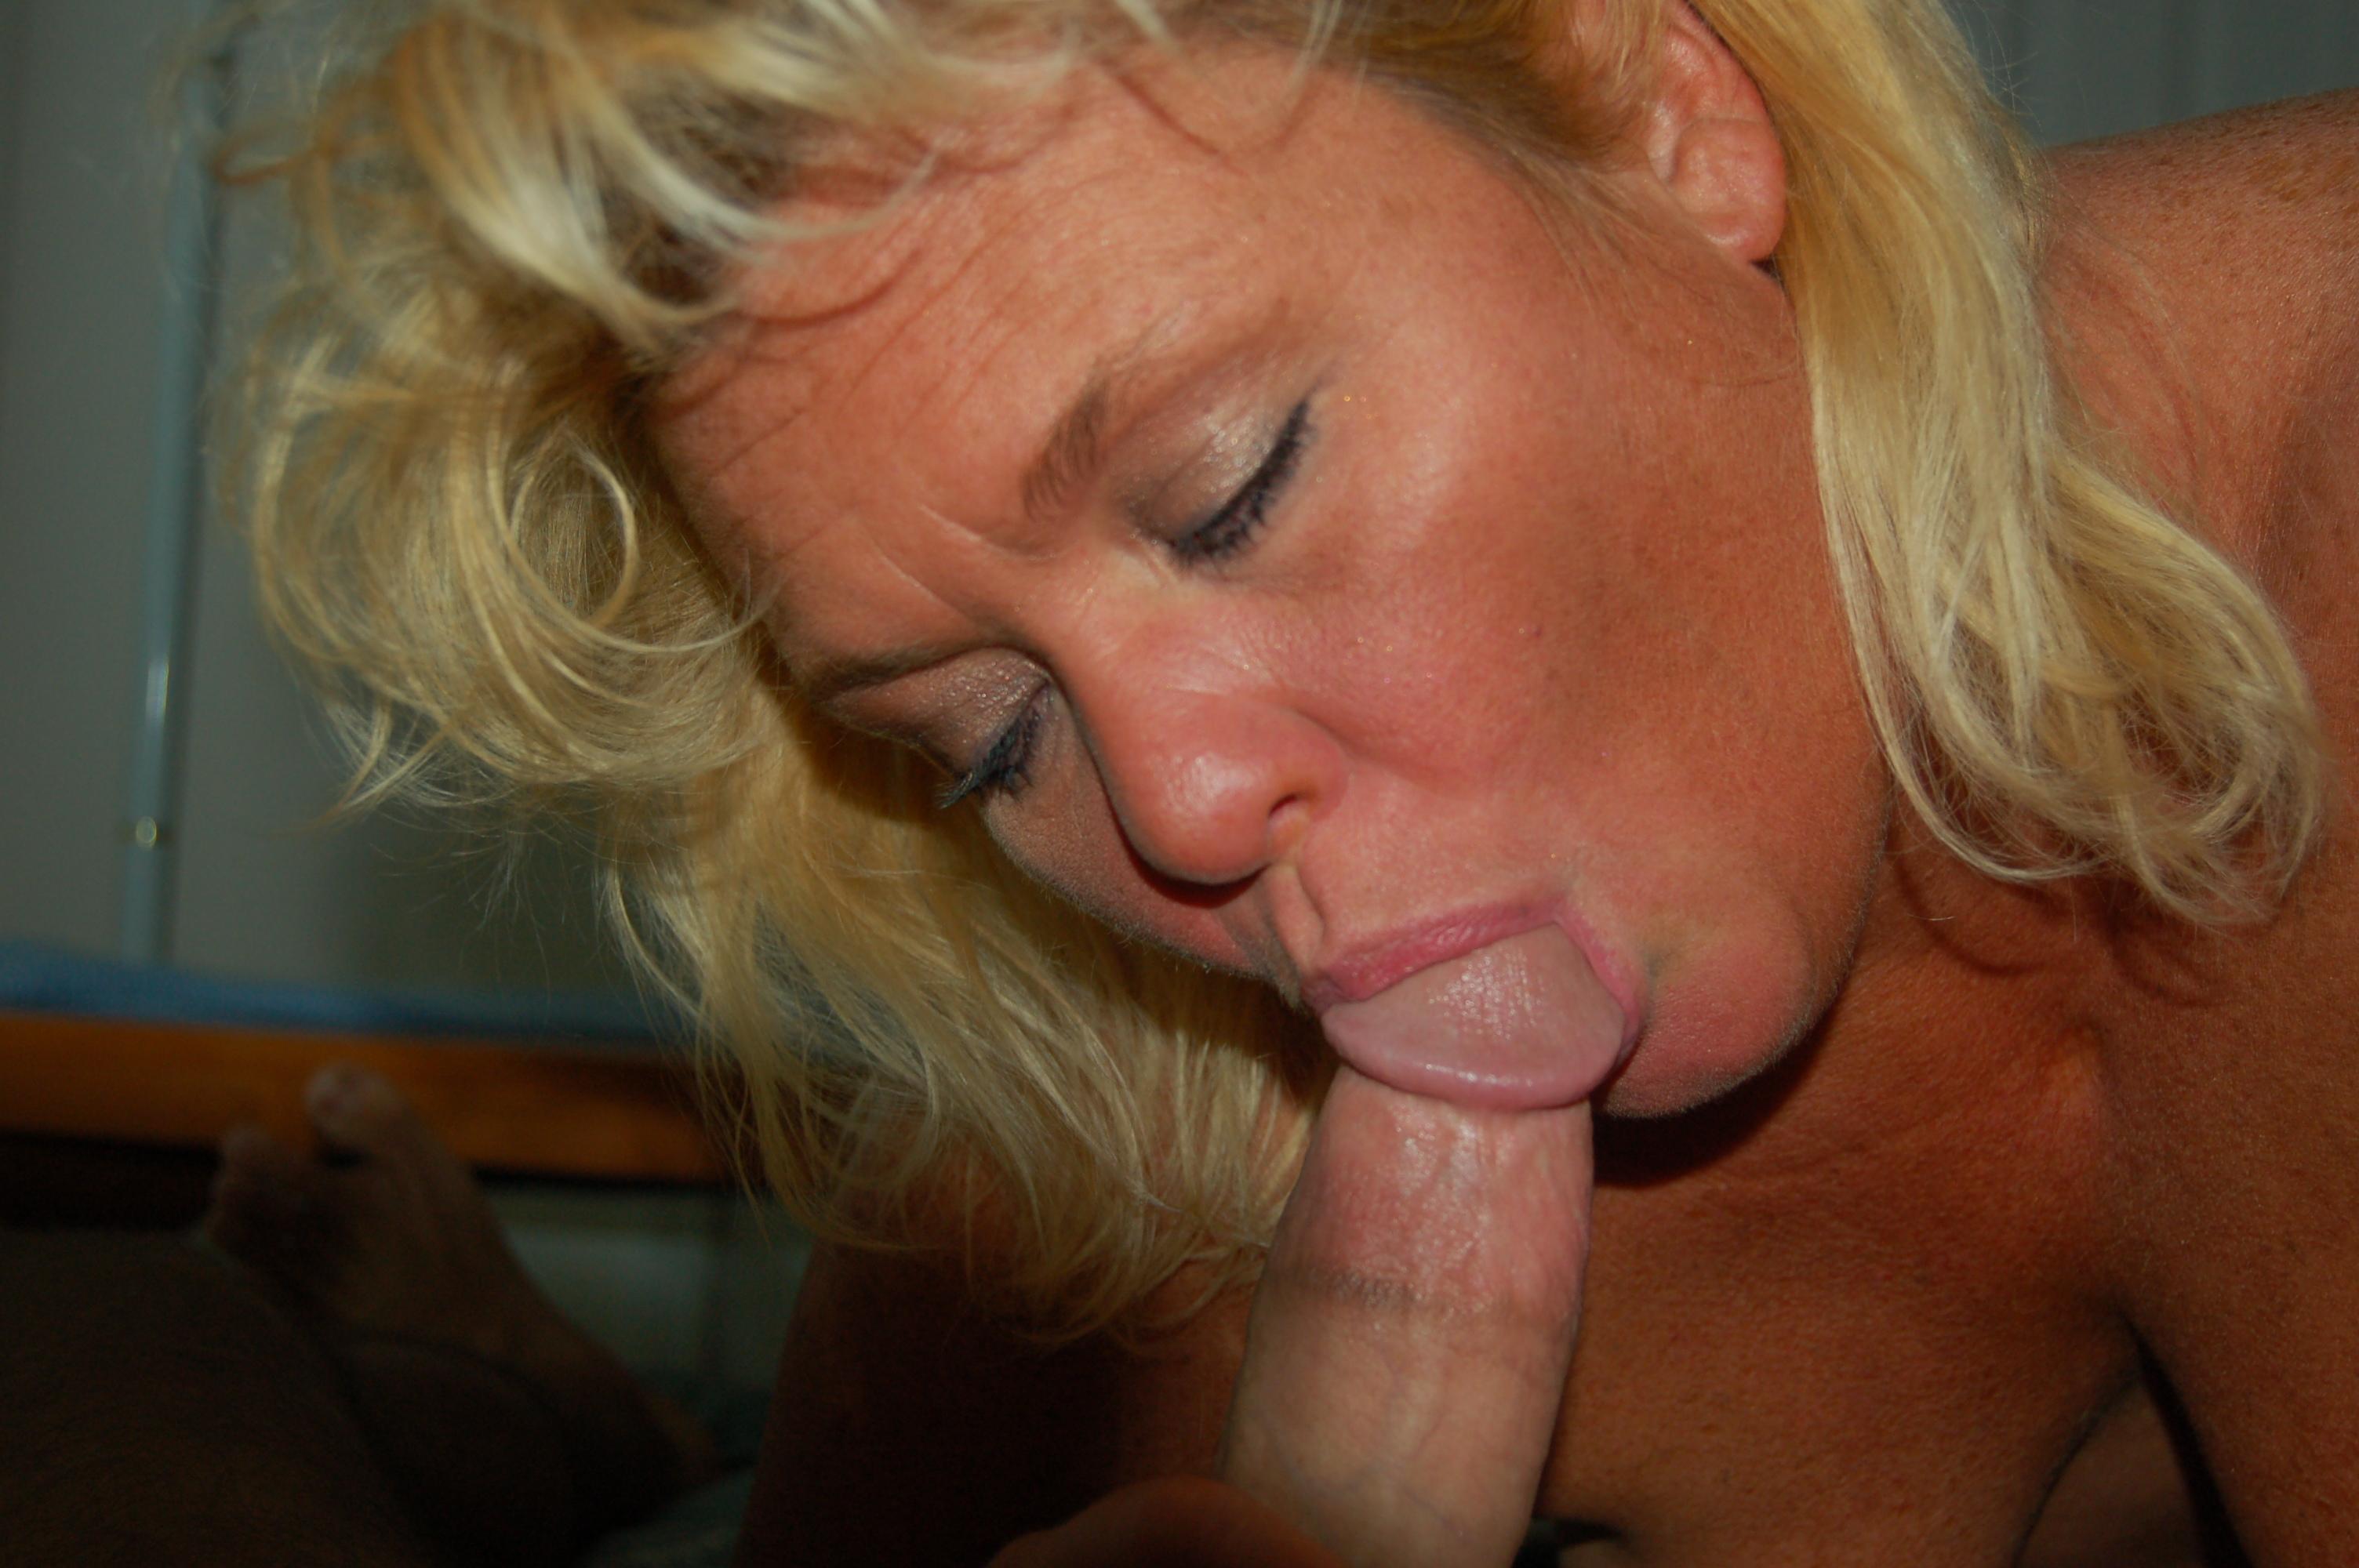 Фото порно зрелые миньет, Зрелые мамашки в чулках позируют голыми и любят 13 фотография